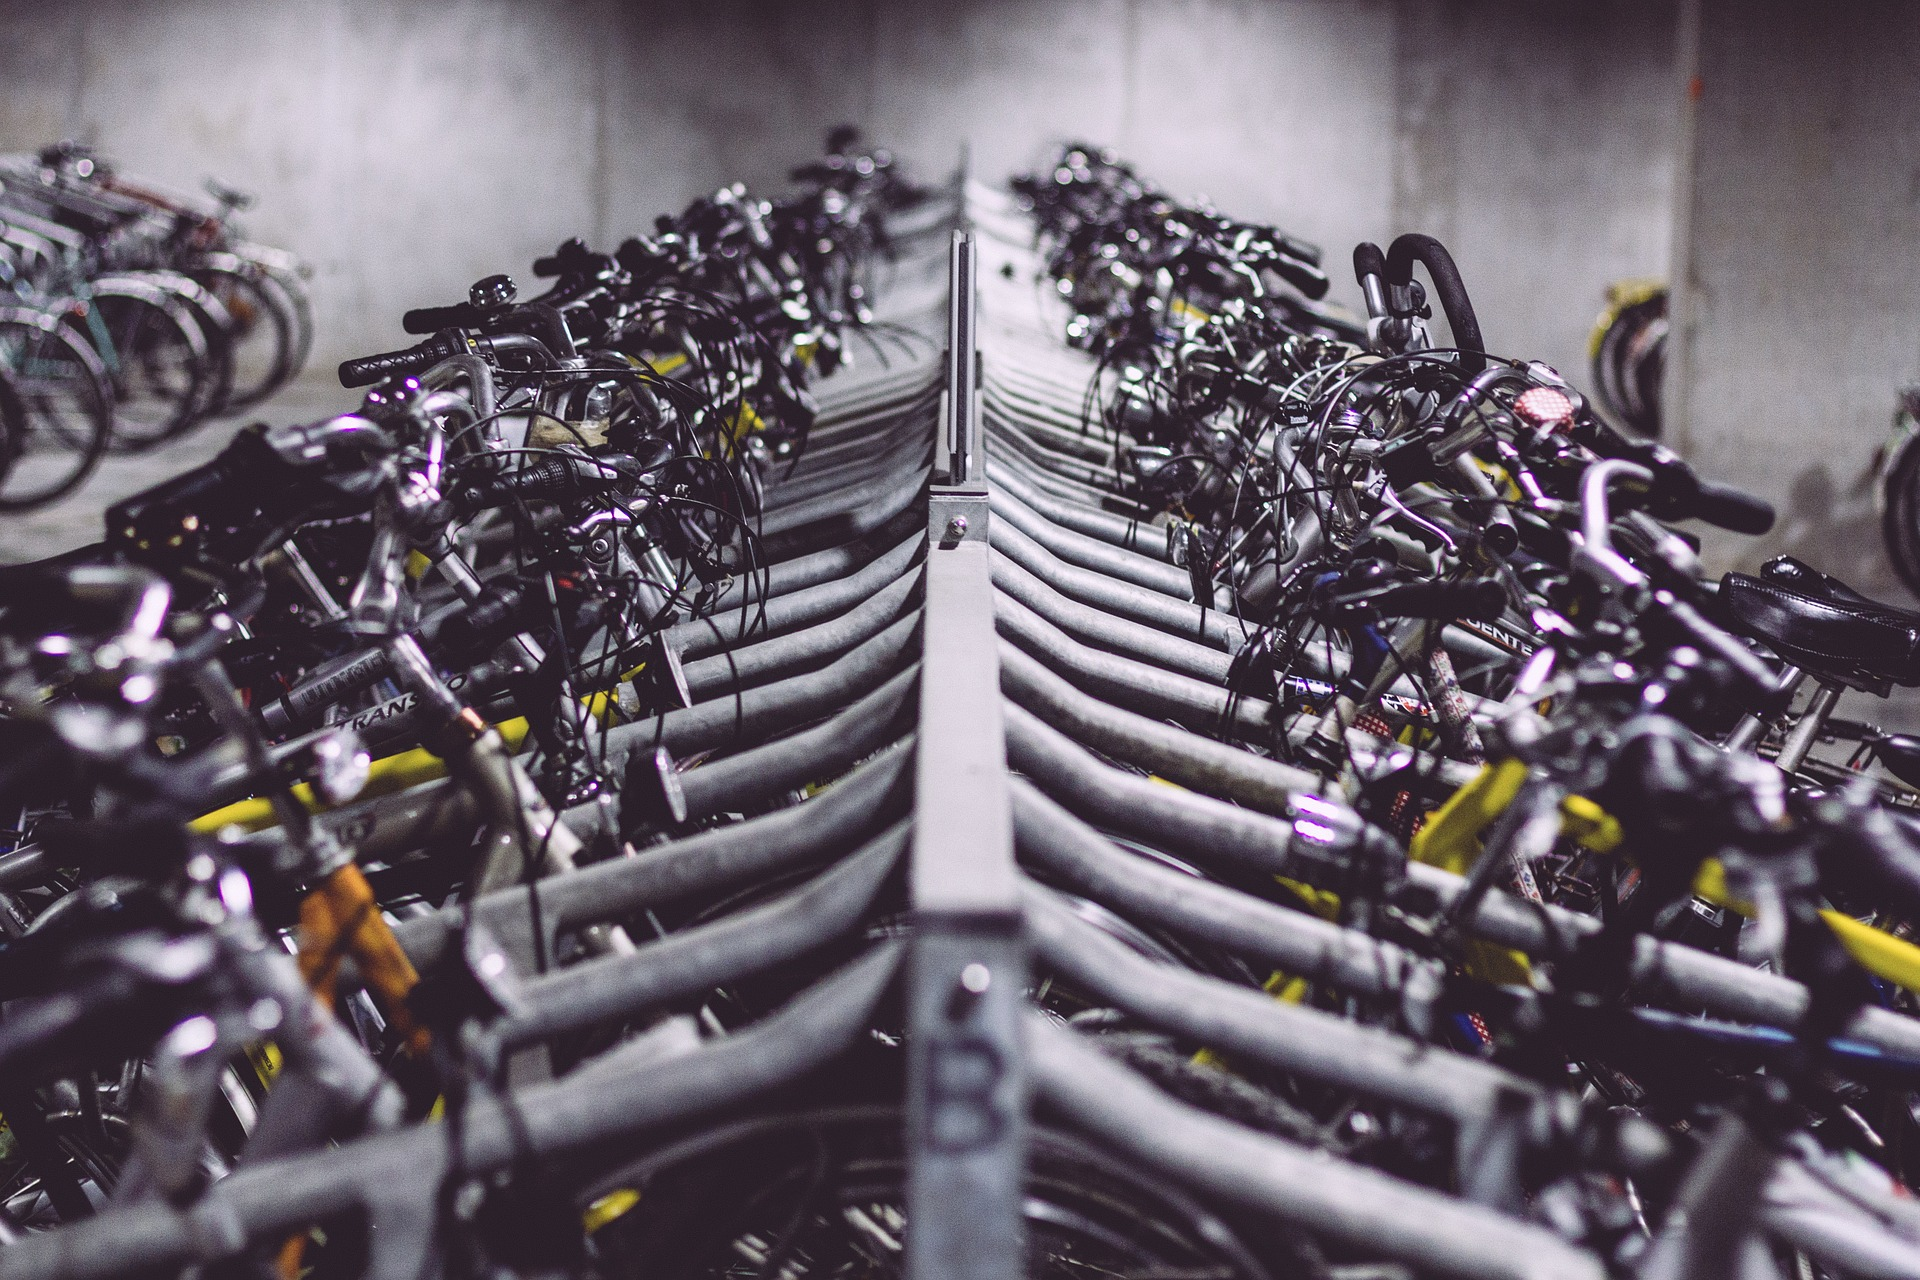 bikes-923451_1920